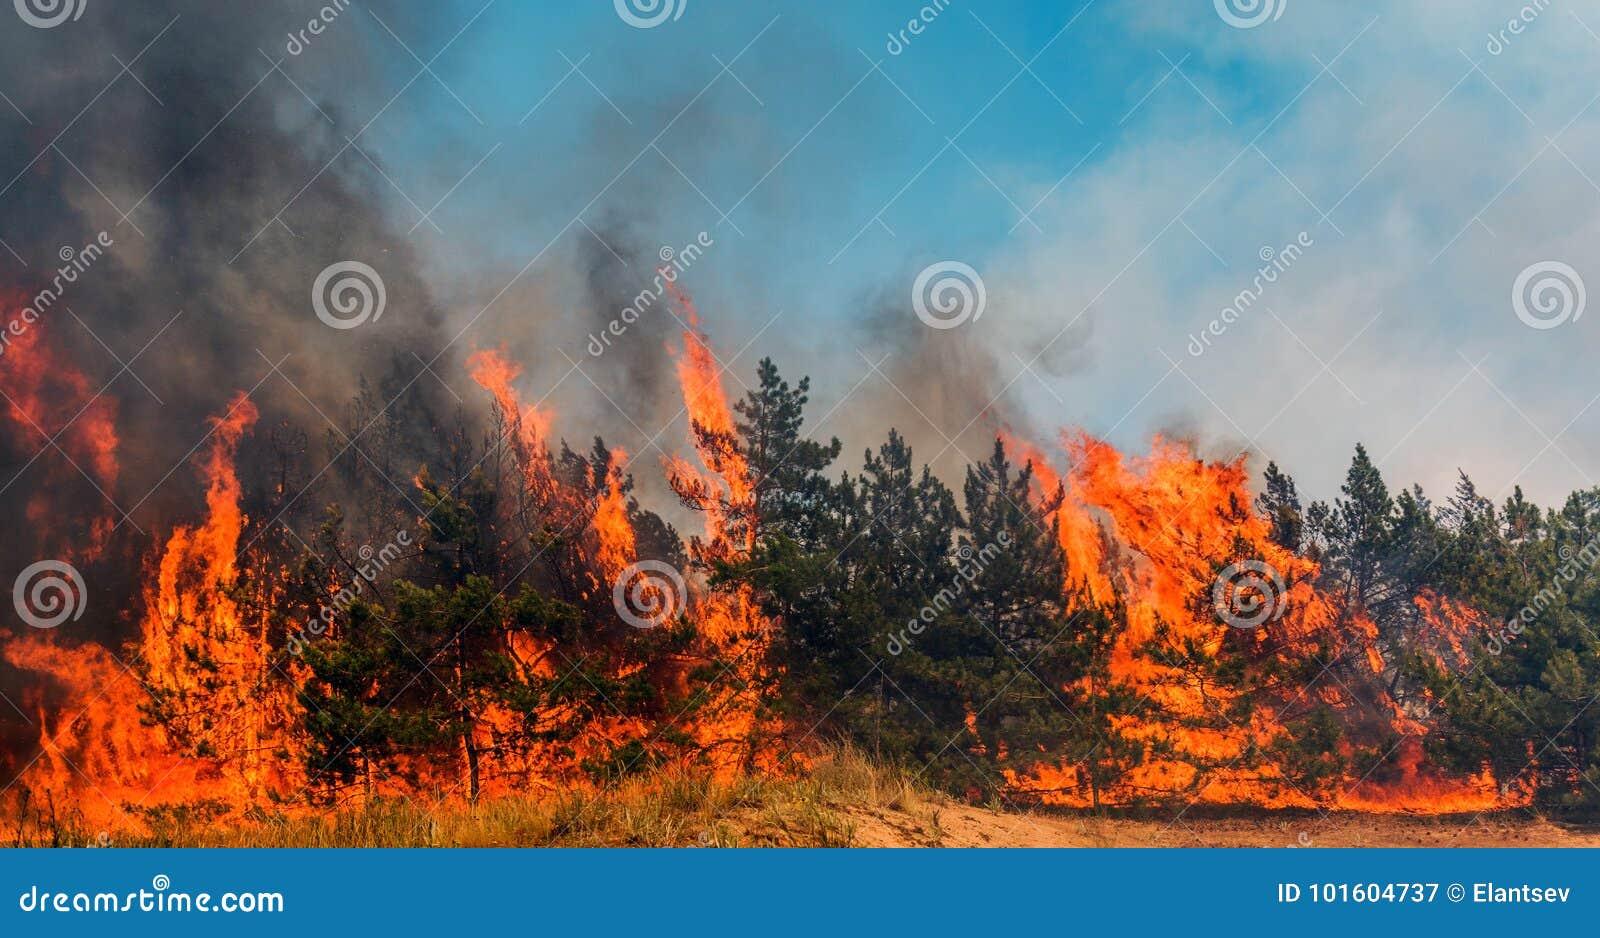 Лесной пожар упаденное дерево горится к земле много дым когда лесной пожар